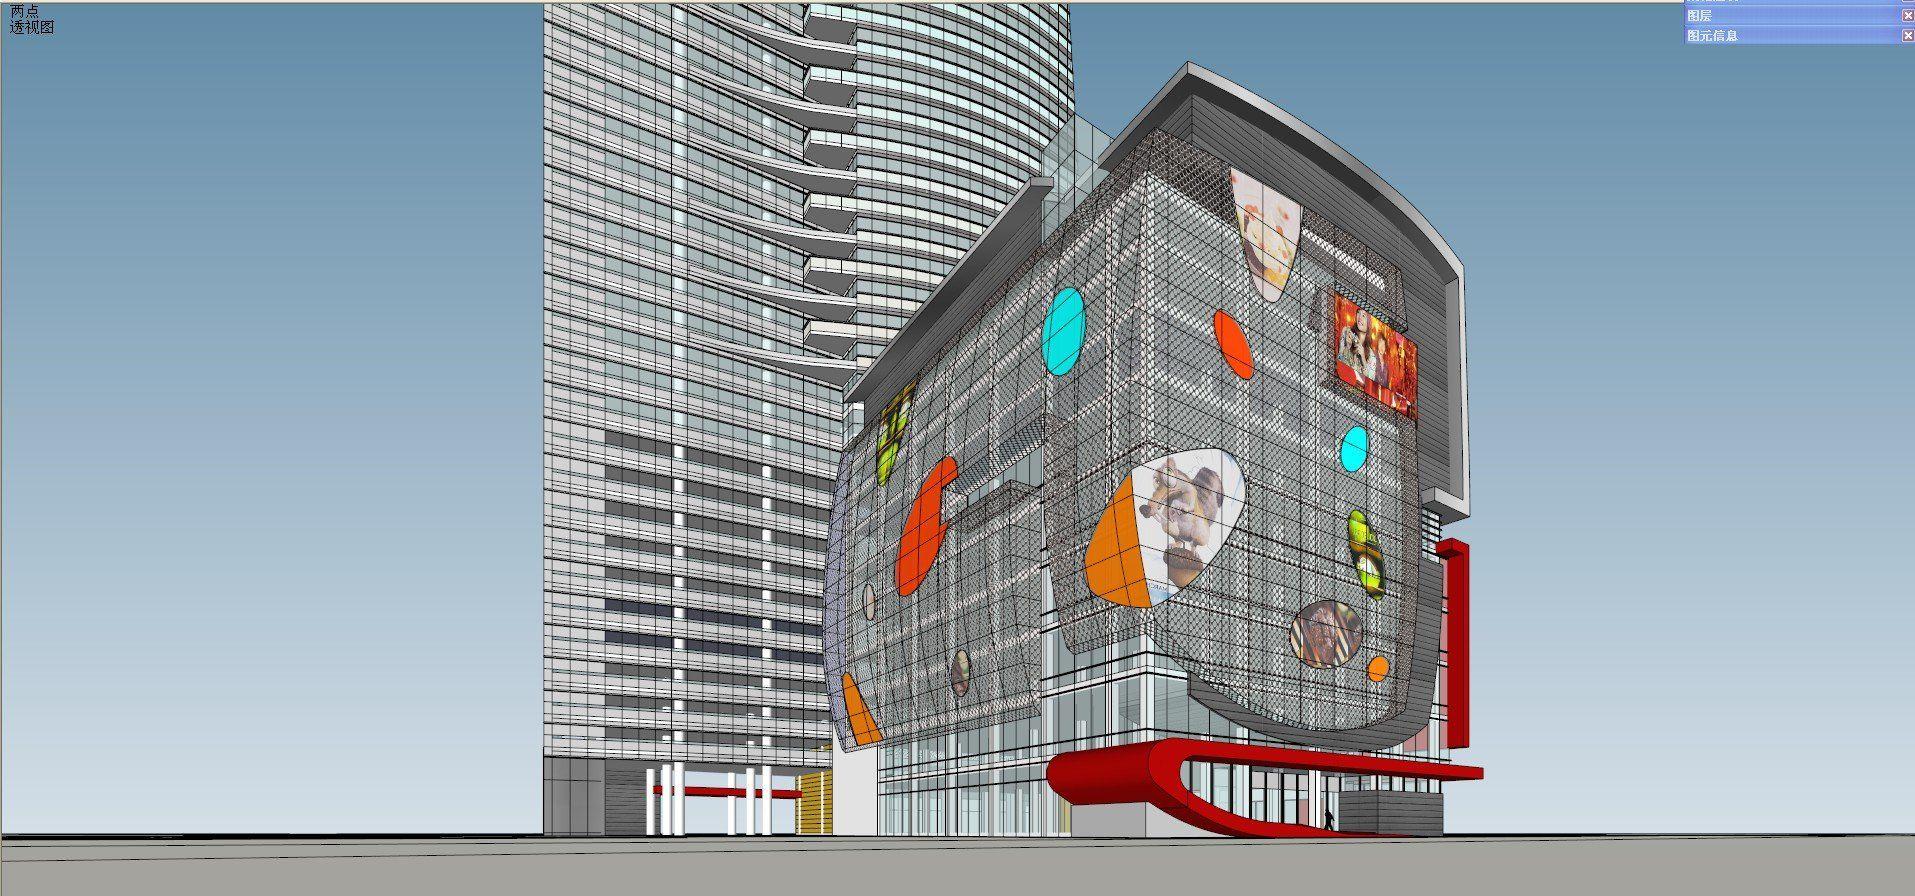 ☆Sketchup 3D Models-Business Building Sketchup Models 17